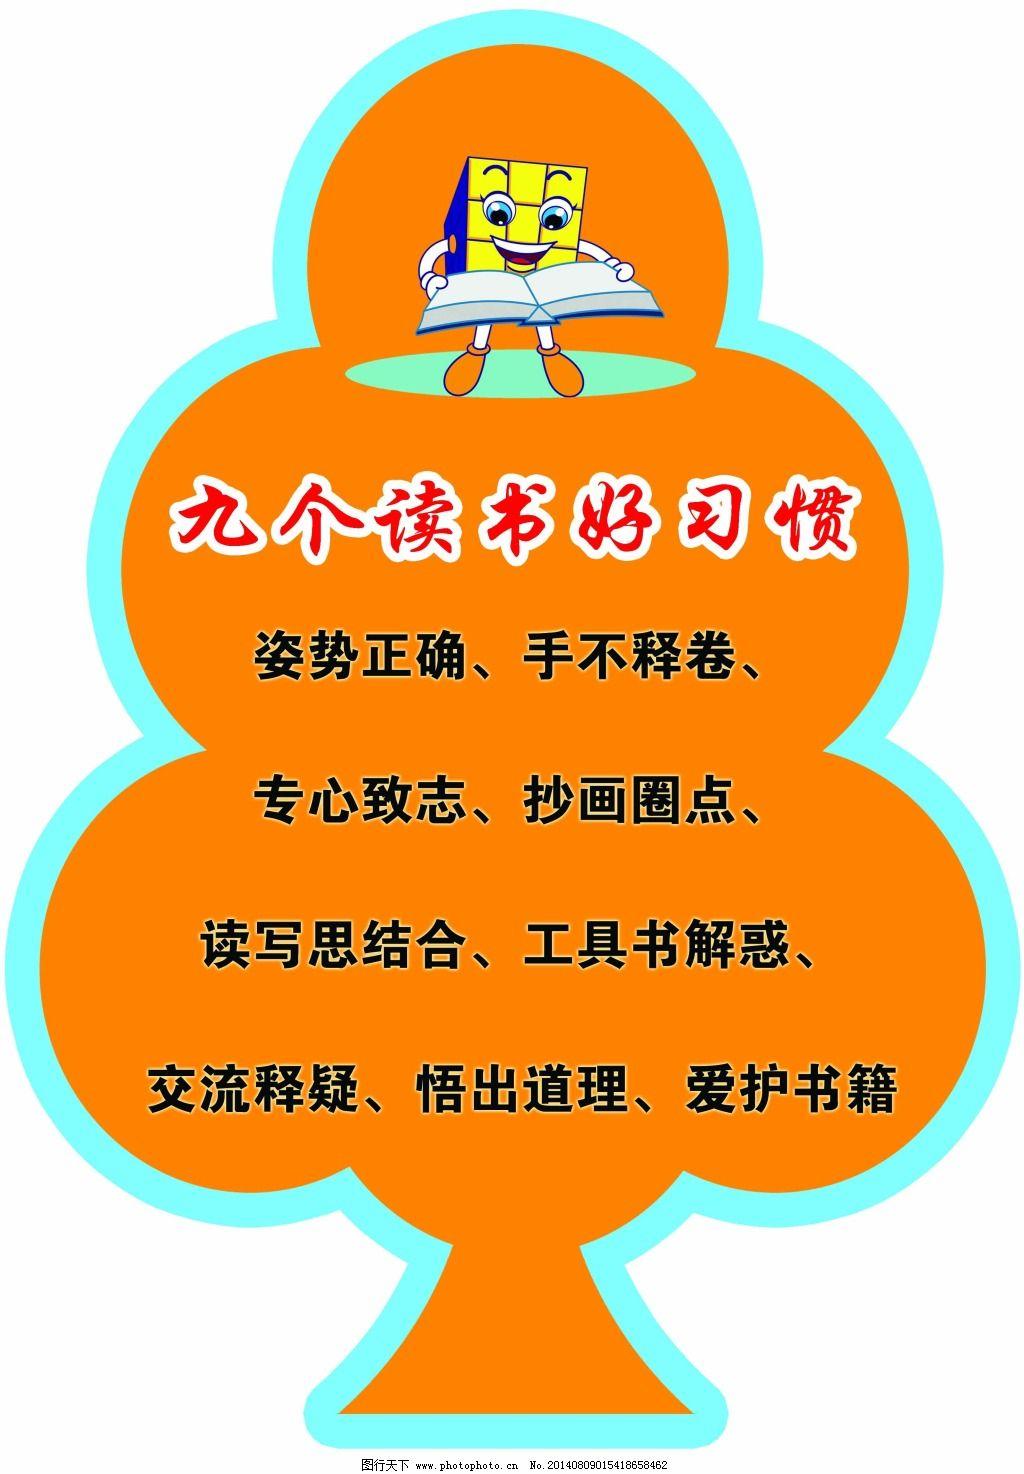 九个读书好习惯 九个读书好习惯免费下载 幼儿园形象墙 幼儿园展牌